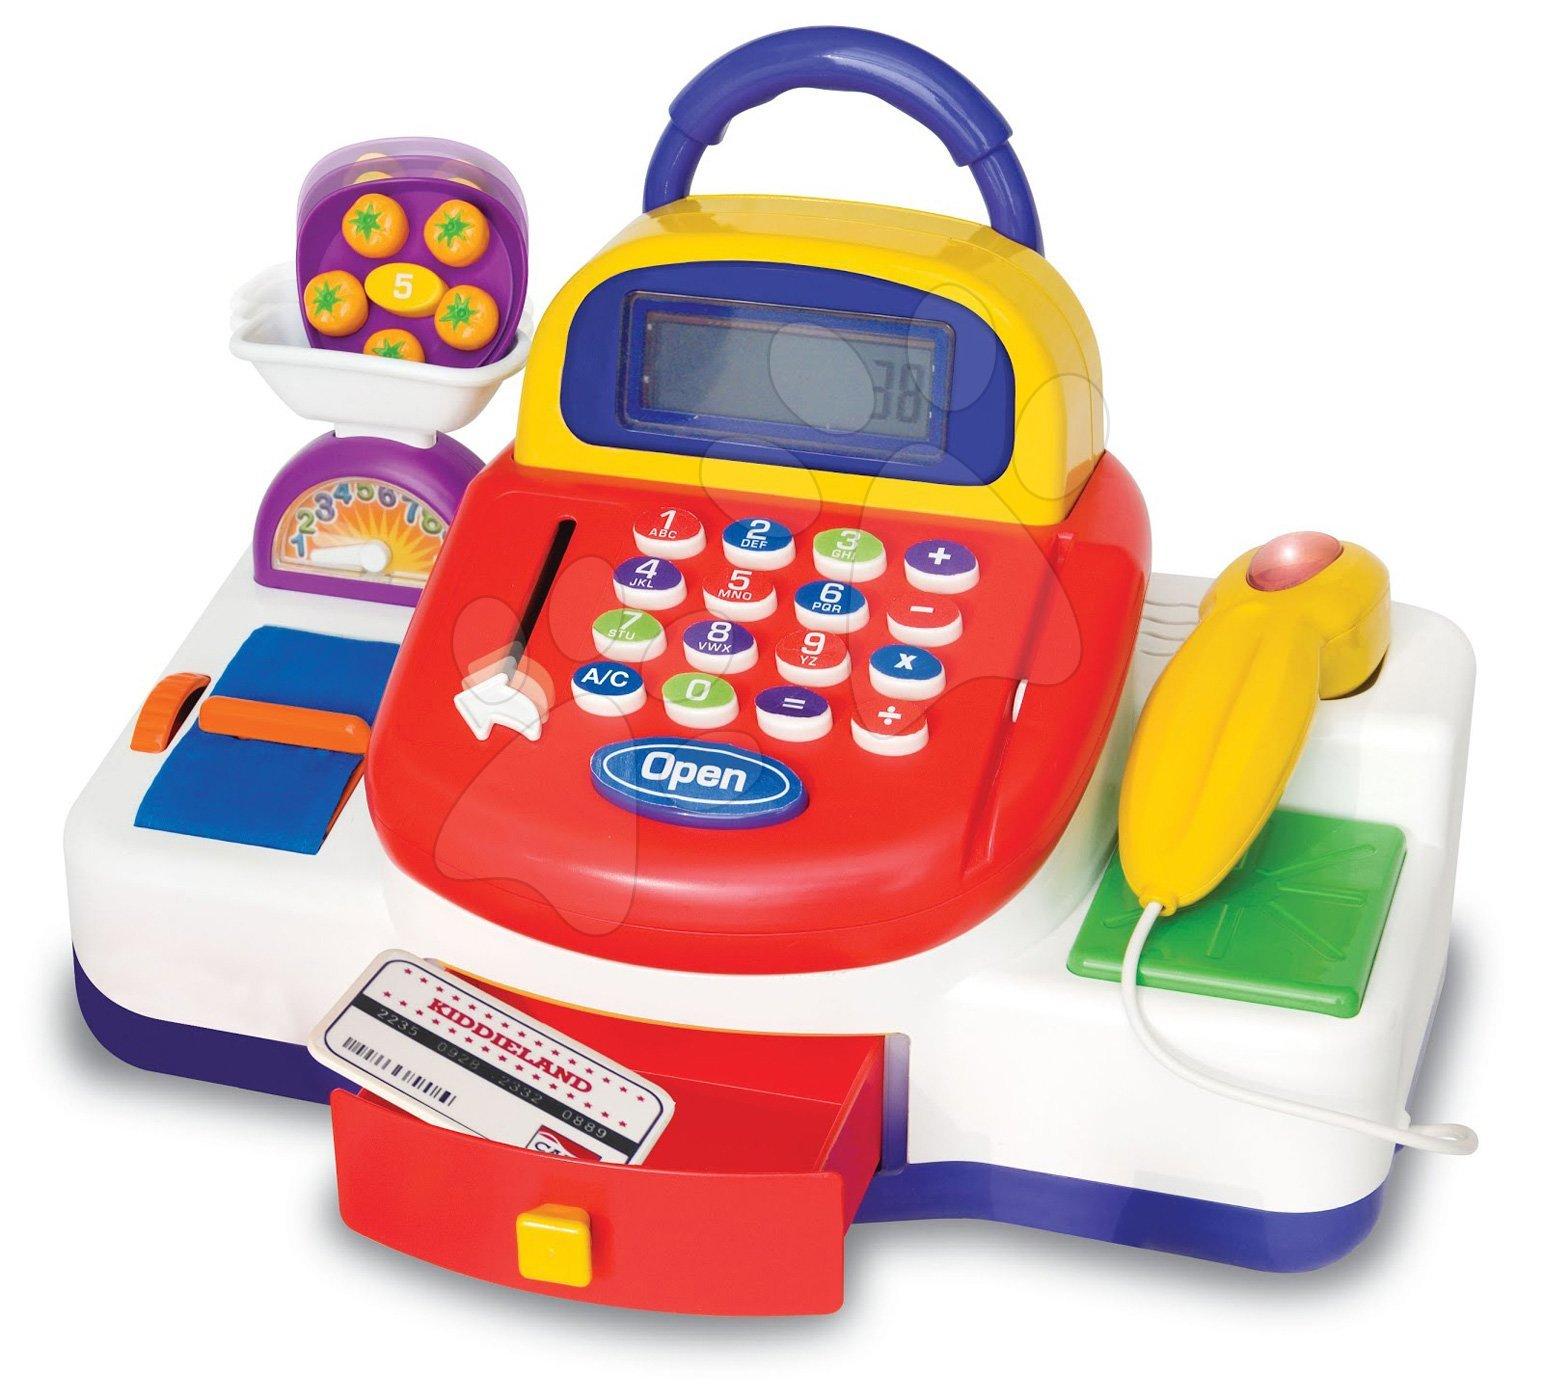 Obchody pro děti - Pokladna Activity Kiddieland elektronická se zvukovými a světelnými efekty od 18 měsíců